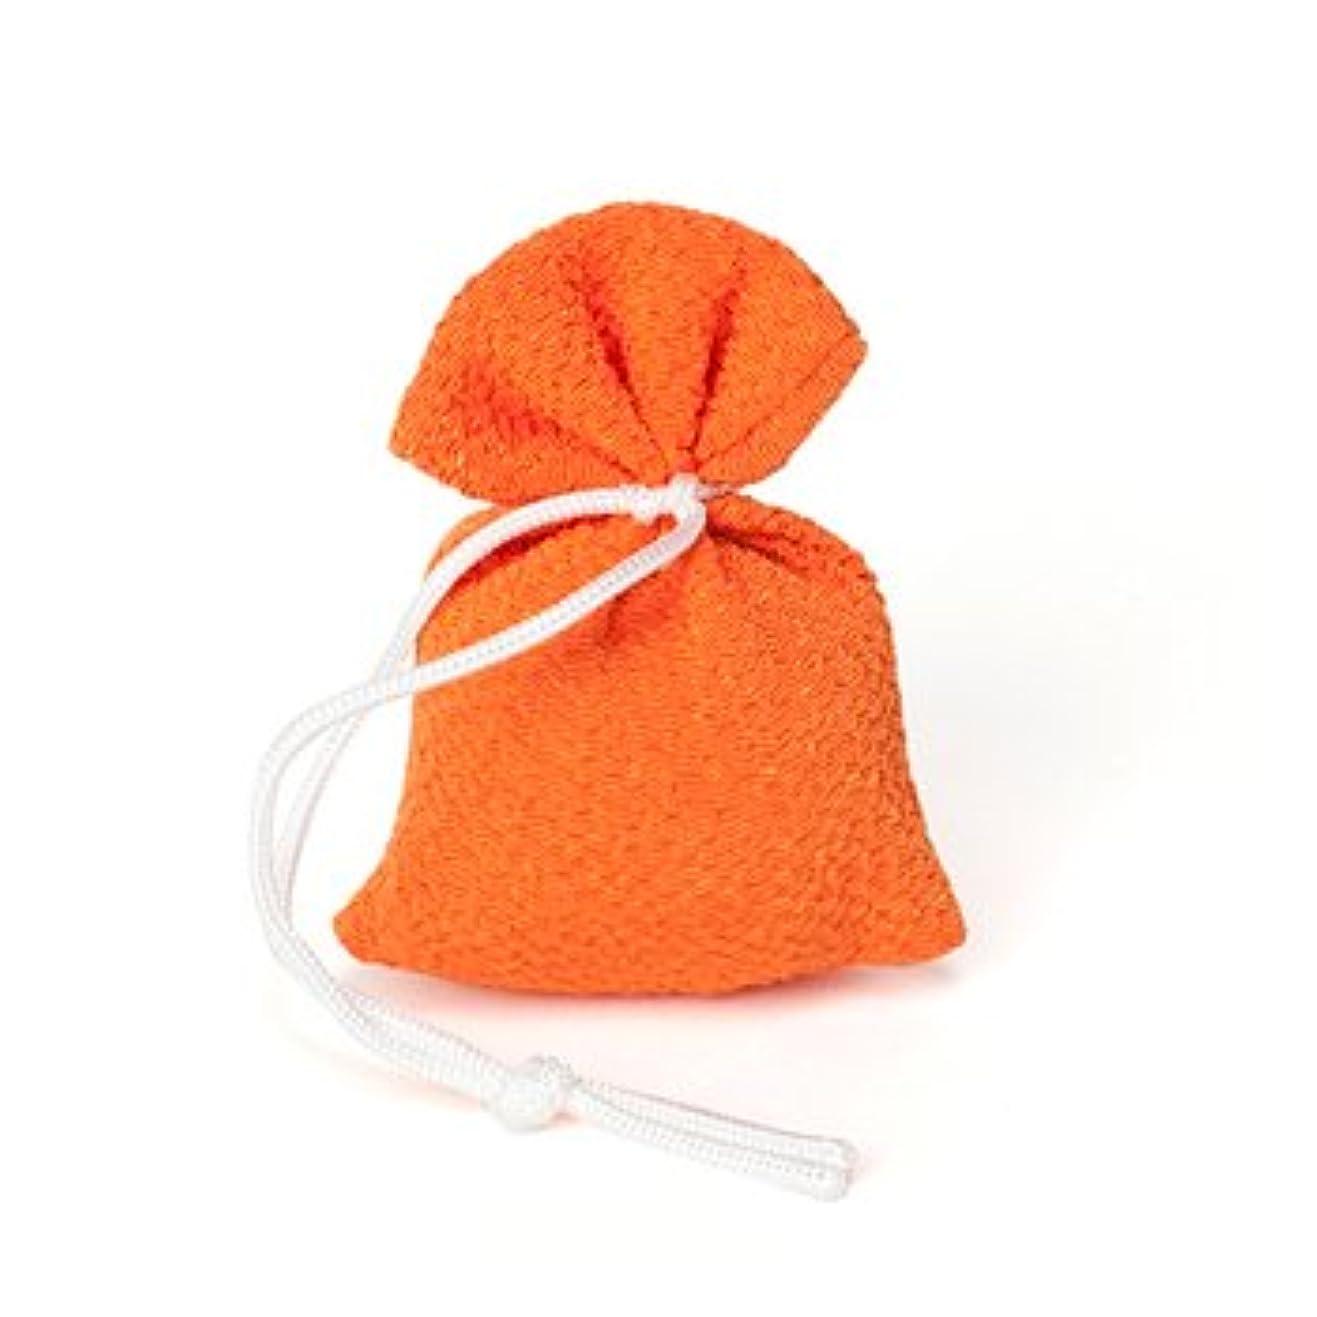 松栄堂 匂い袋 誰が袖 上品(無地) 1個入 (色をお選びください) (橙)